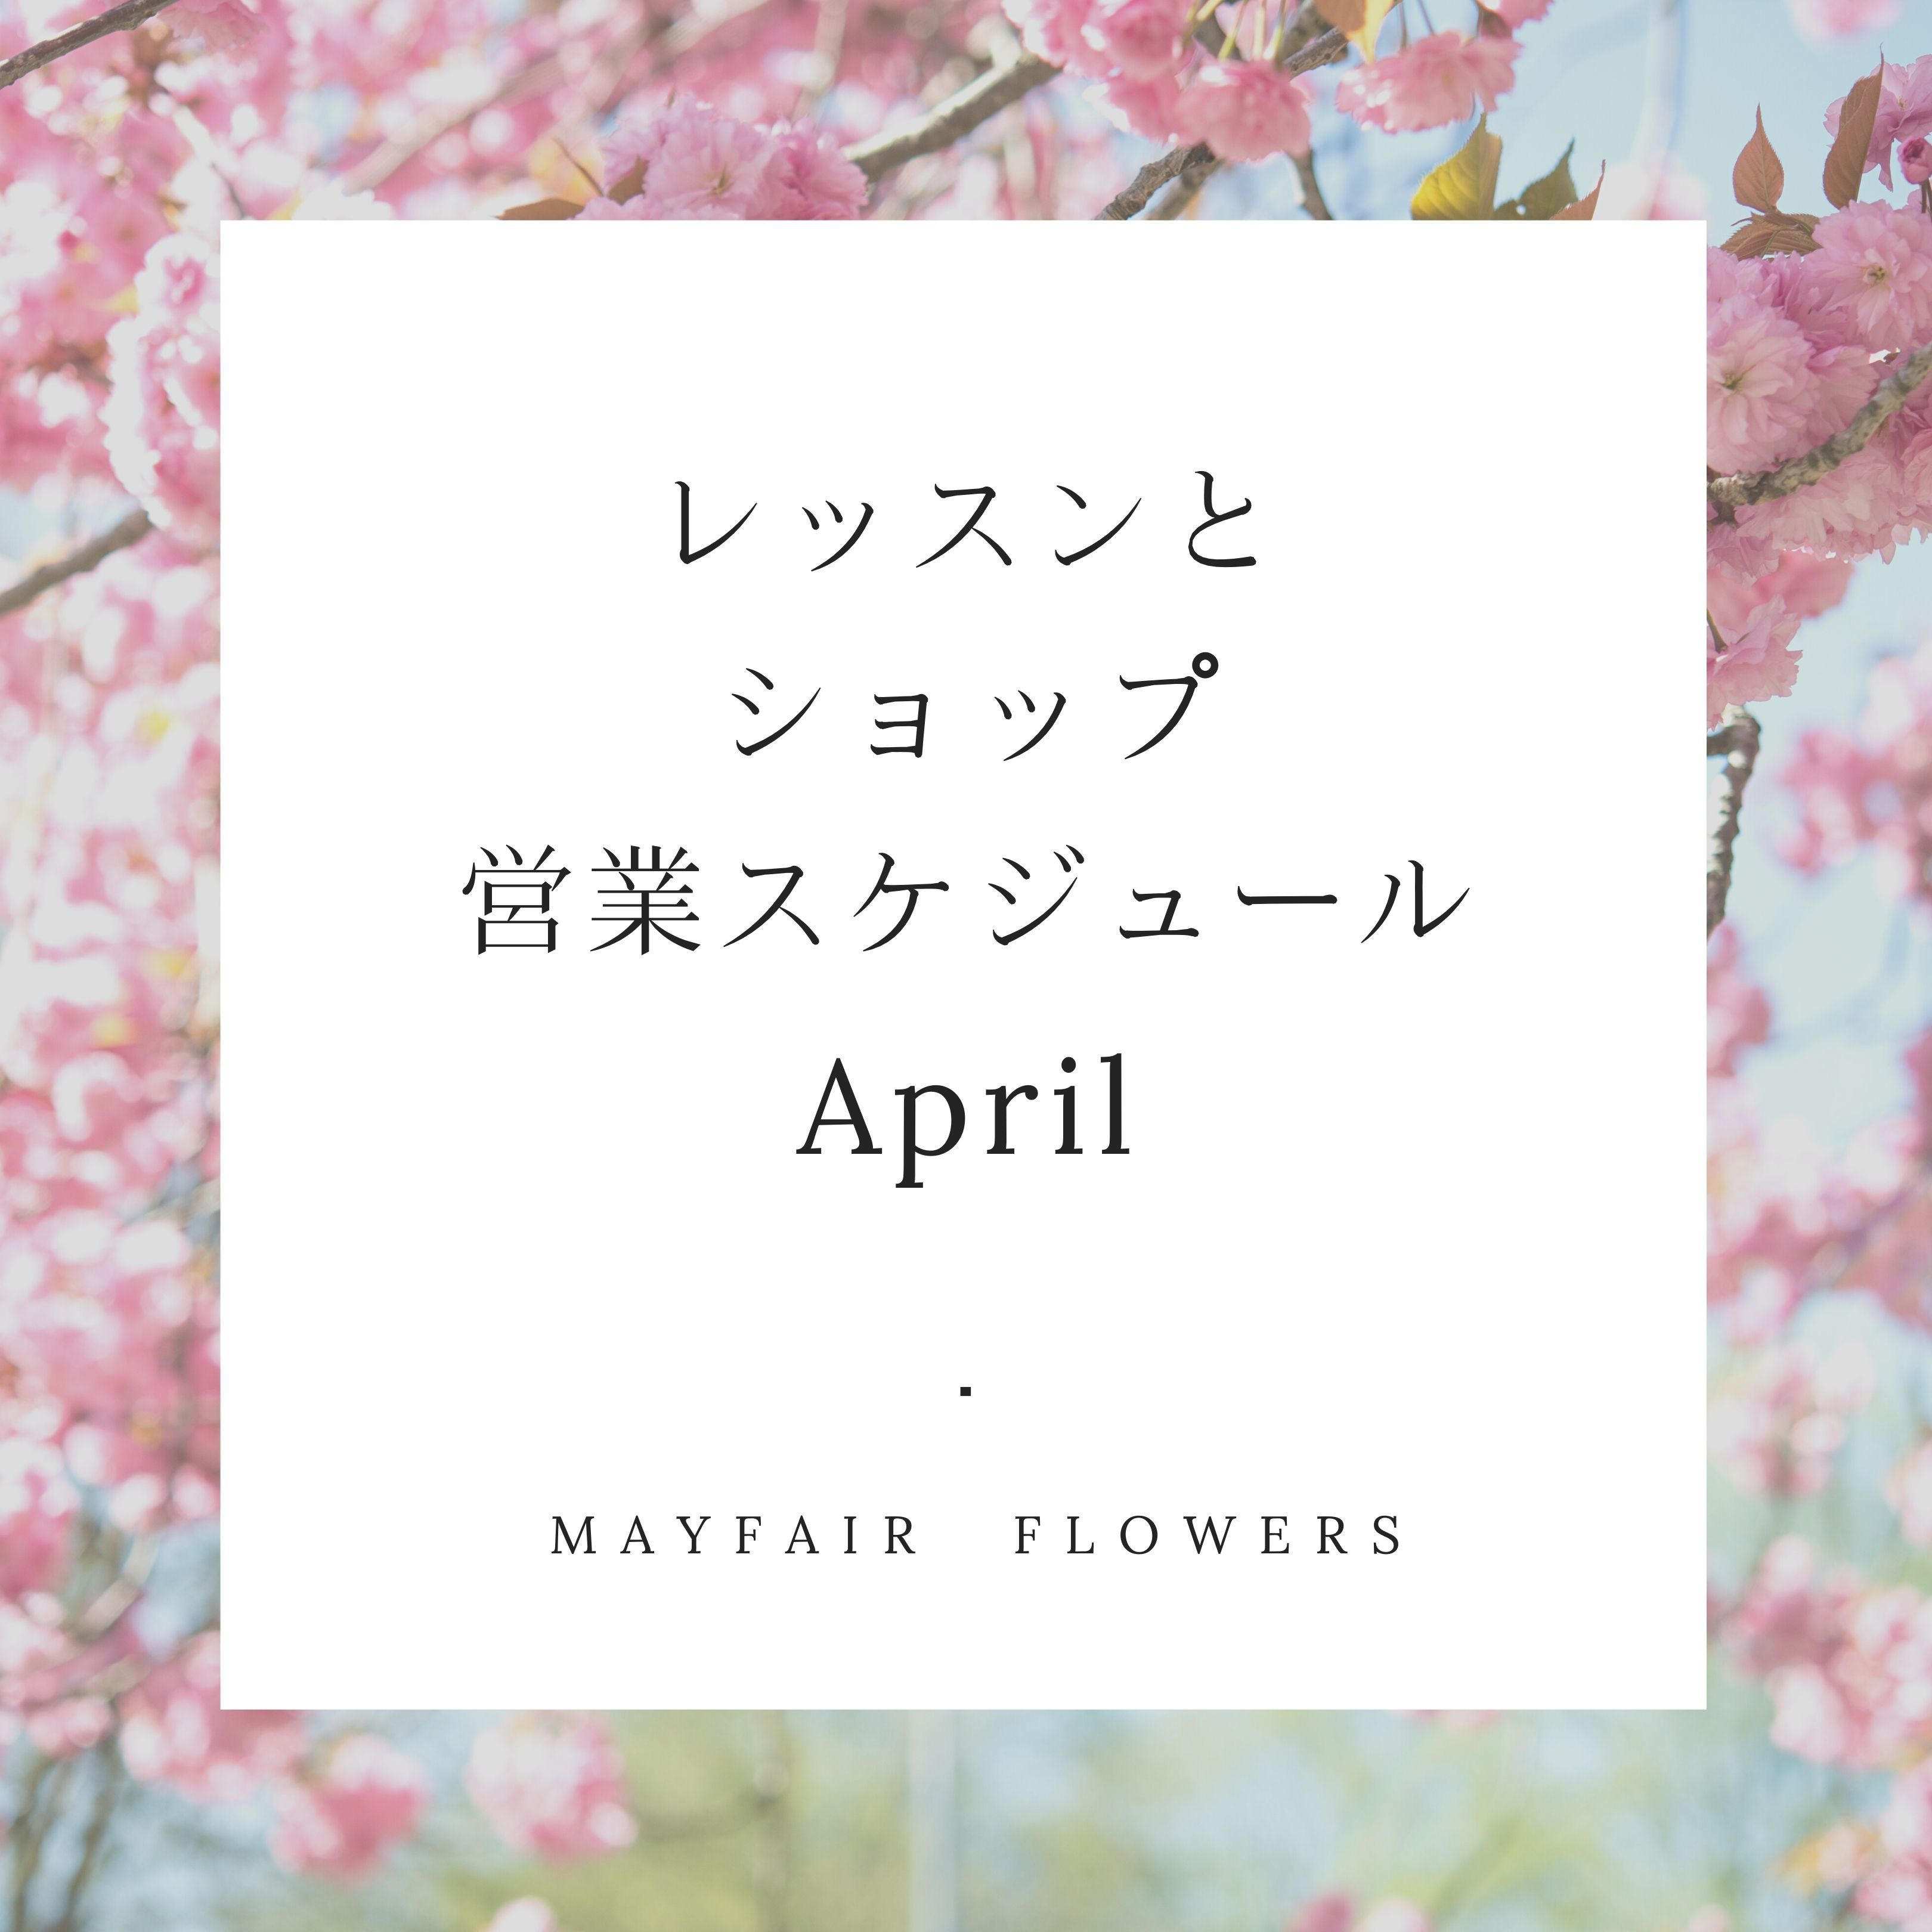 4月のショップ営業スケジュールとレッスンスケジュールのお知らせ♪_d0000304_14235979.jpg